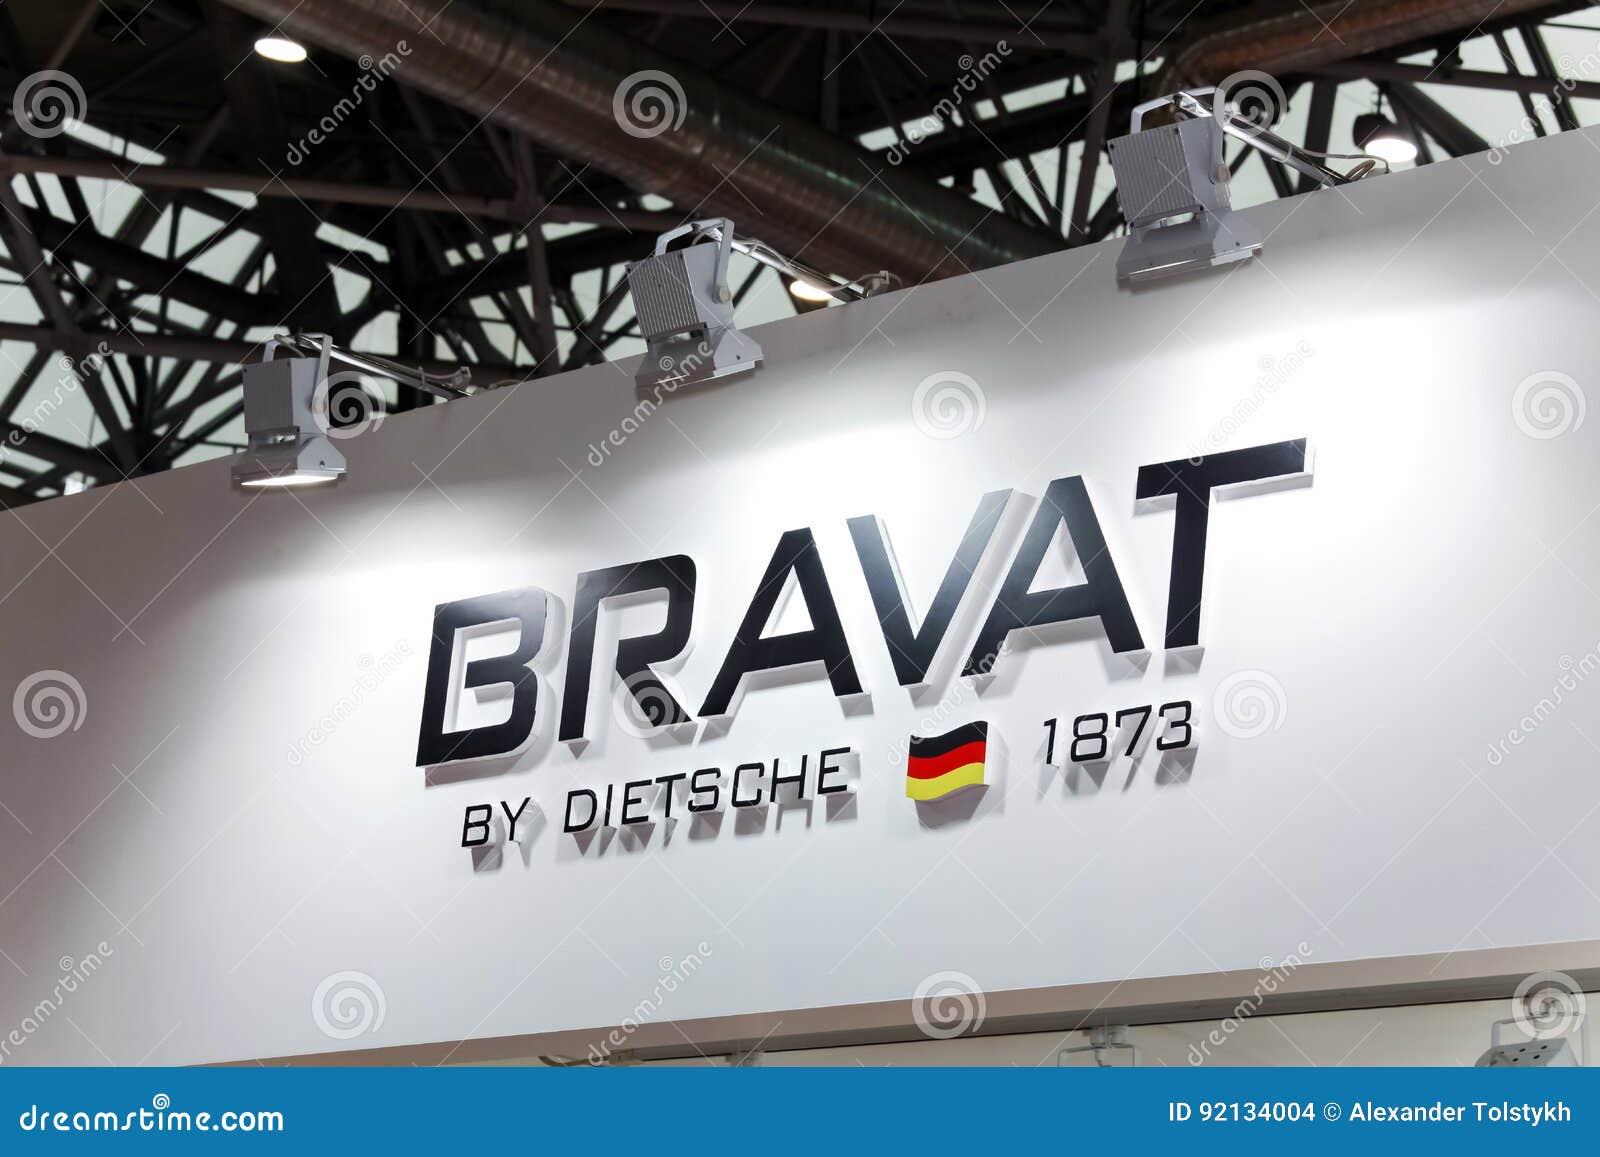 Logozeichen Von Bravat-Firma Bravat Ist Ein Deutscher Hersteller Von ...